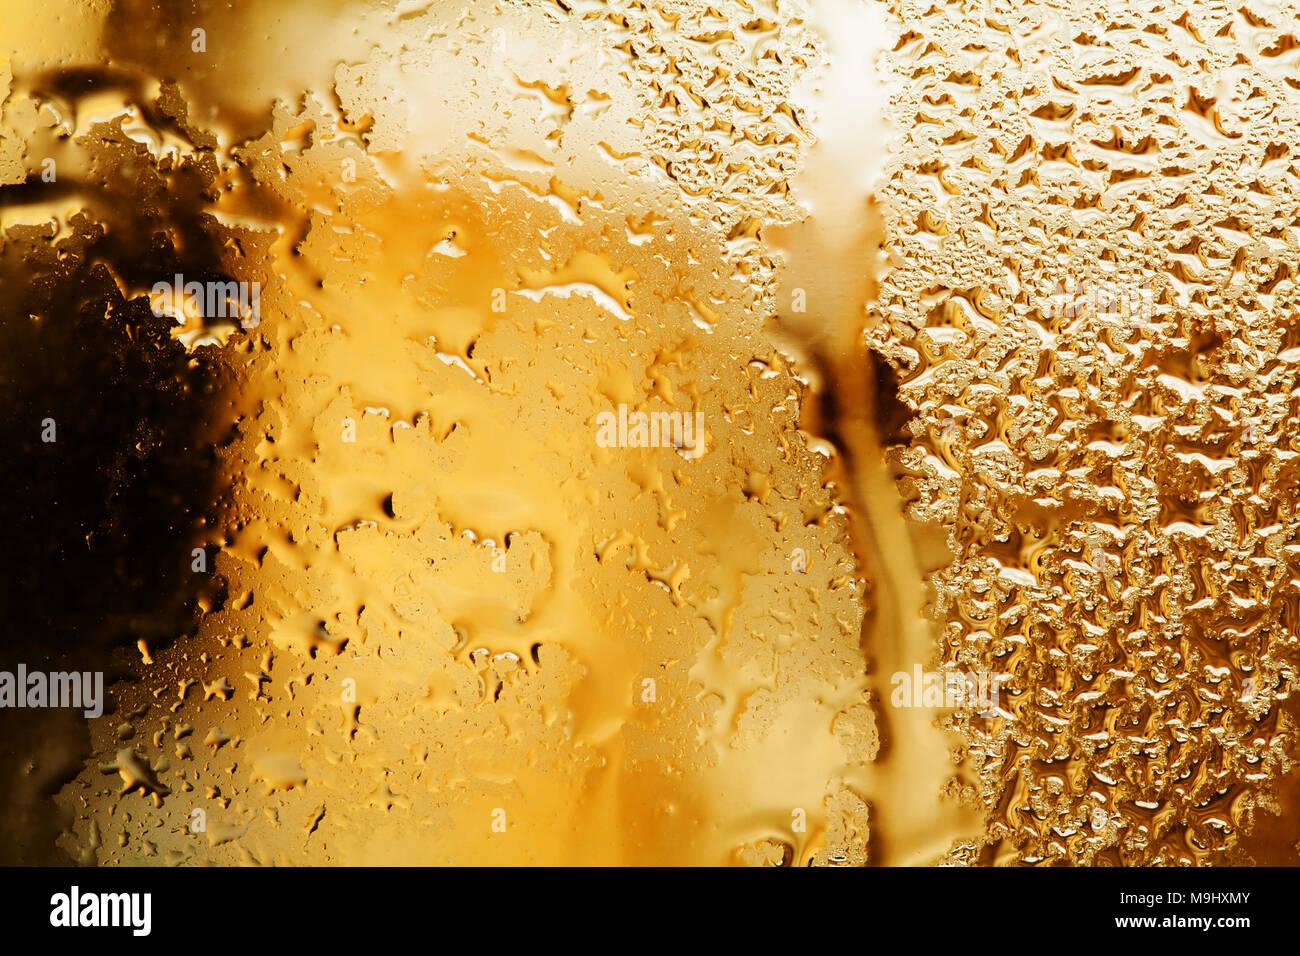 Regenwetter Konzept. Abstrakte goldene Farbe Rahmen und Wassertropfen Muster auf Glas Fenster. Flüssige texturierte blasen Makro anzeigen. Geringe Tiefenschärfe. Stockbild